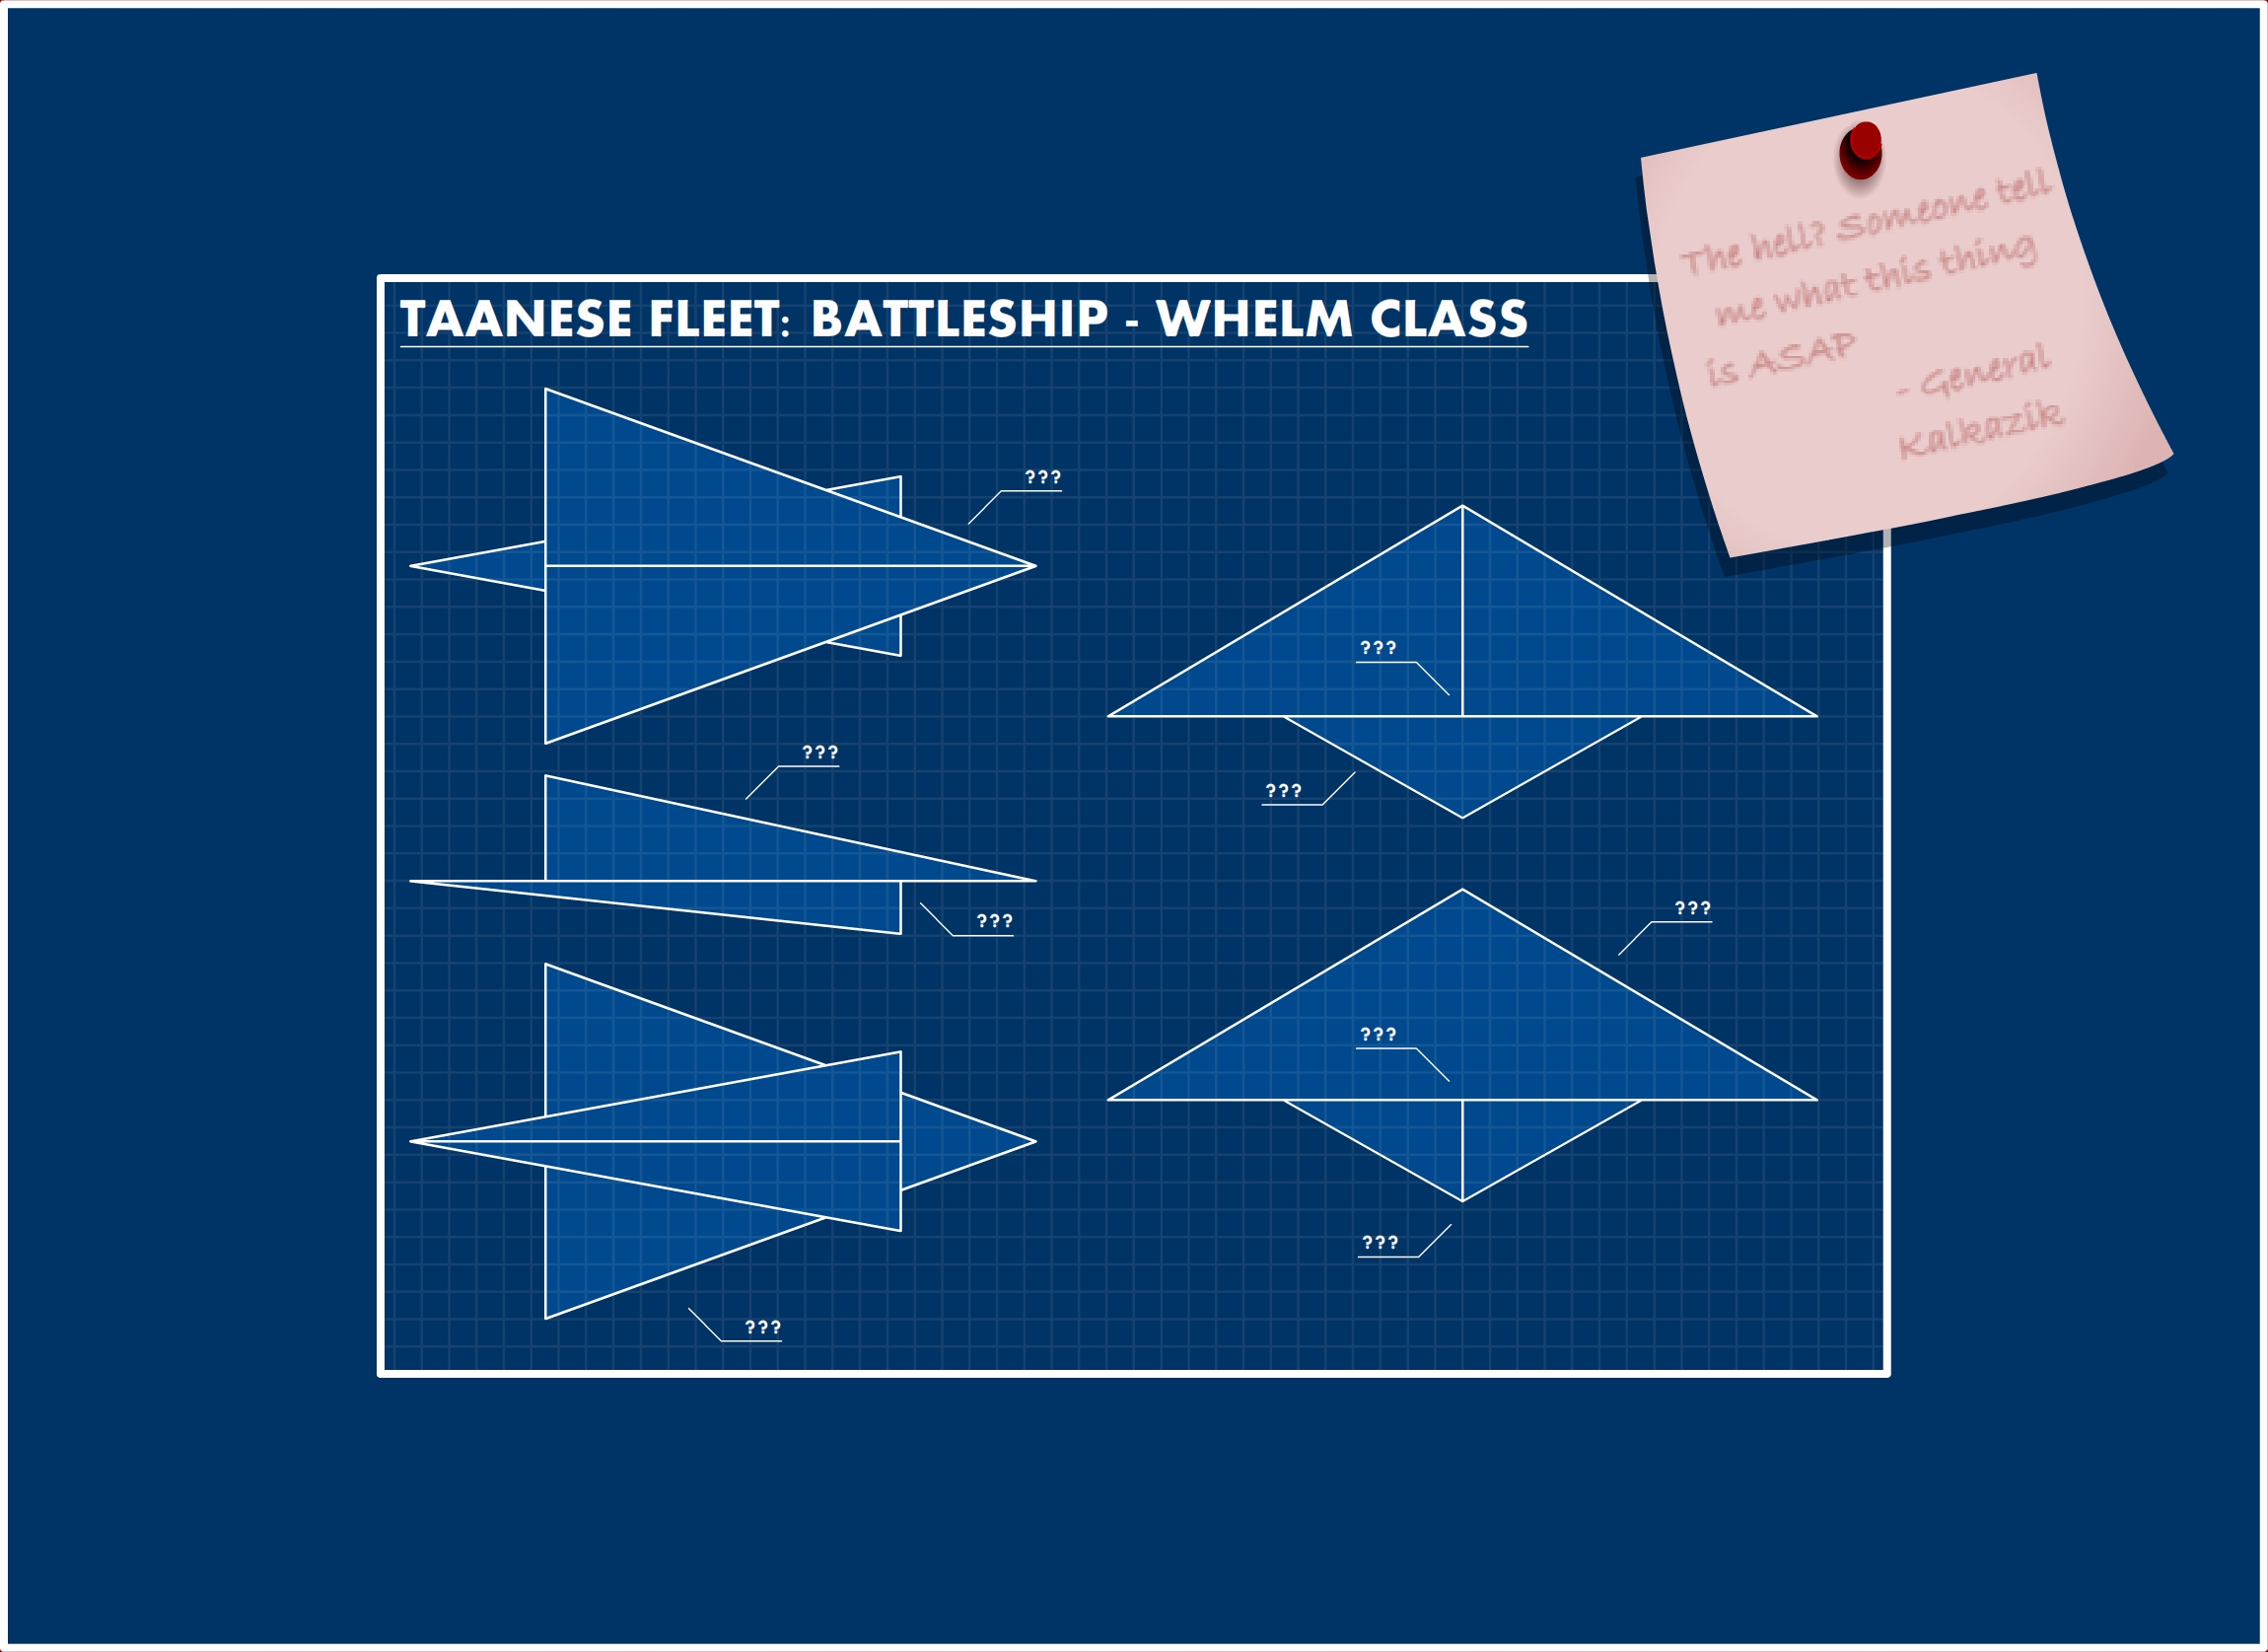 Taanese Fleet - Battleship - Whelm Class.jpg